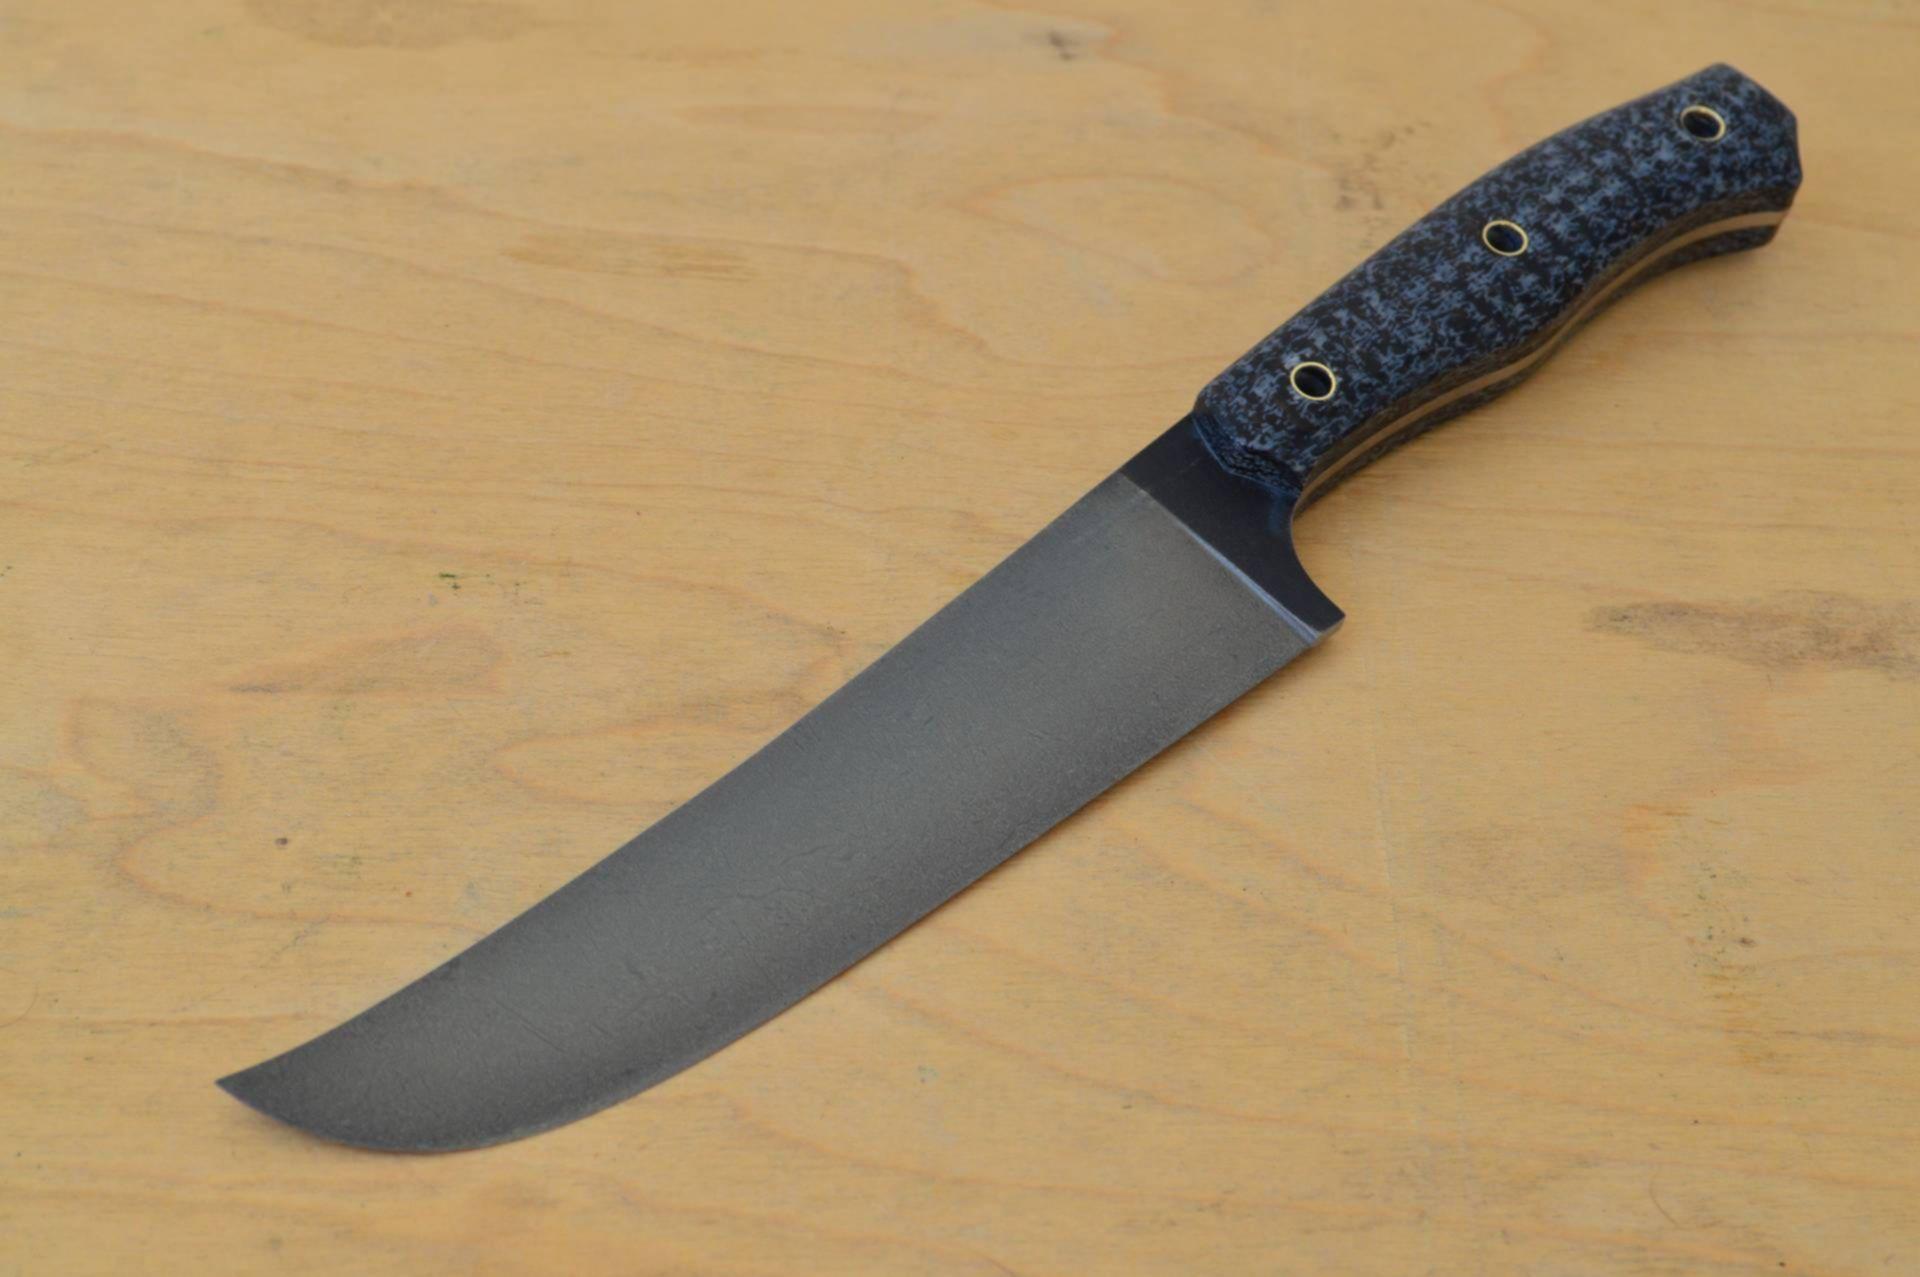 Сделать нож своими руками: от начала до конца